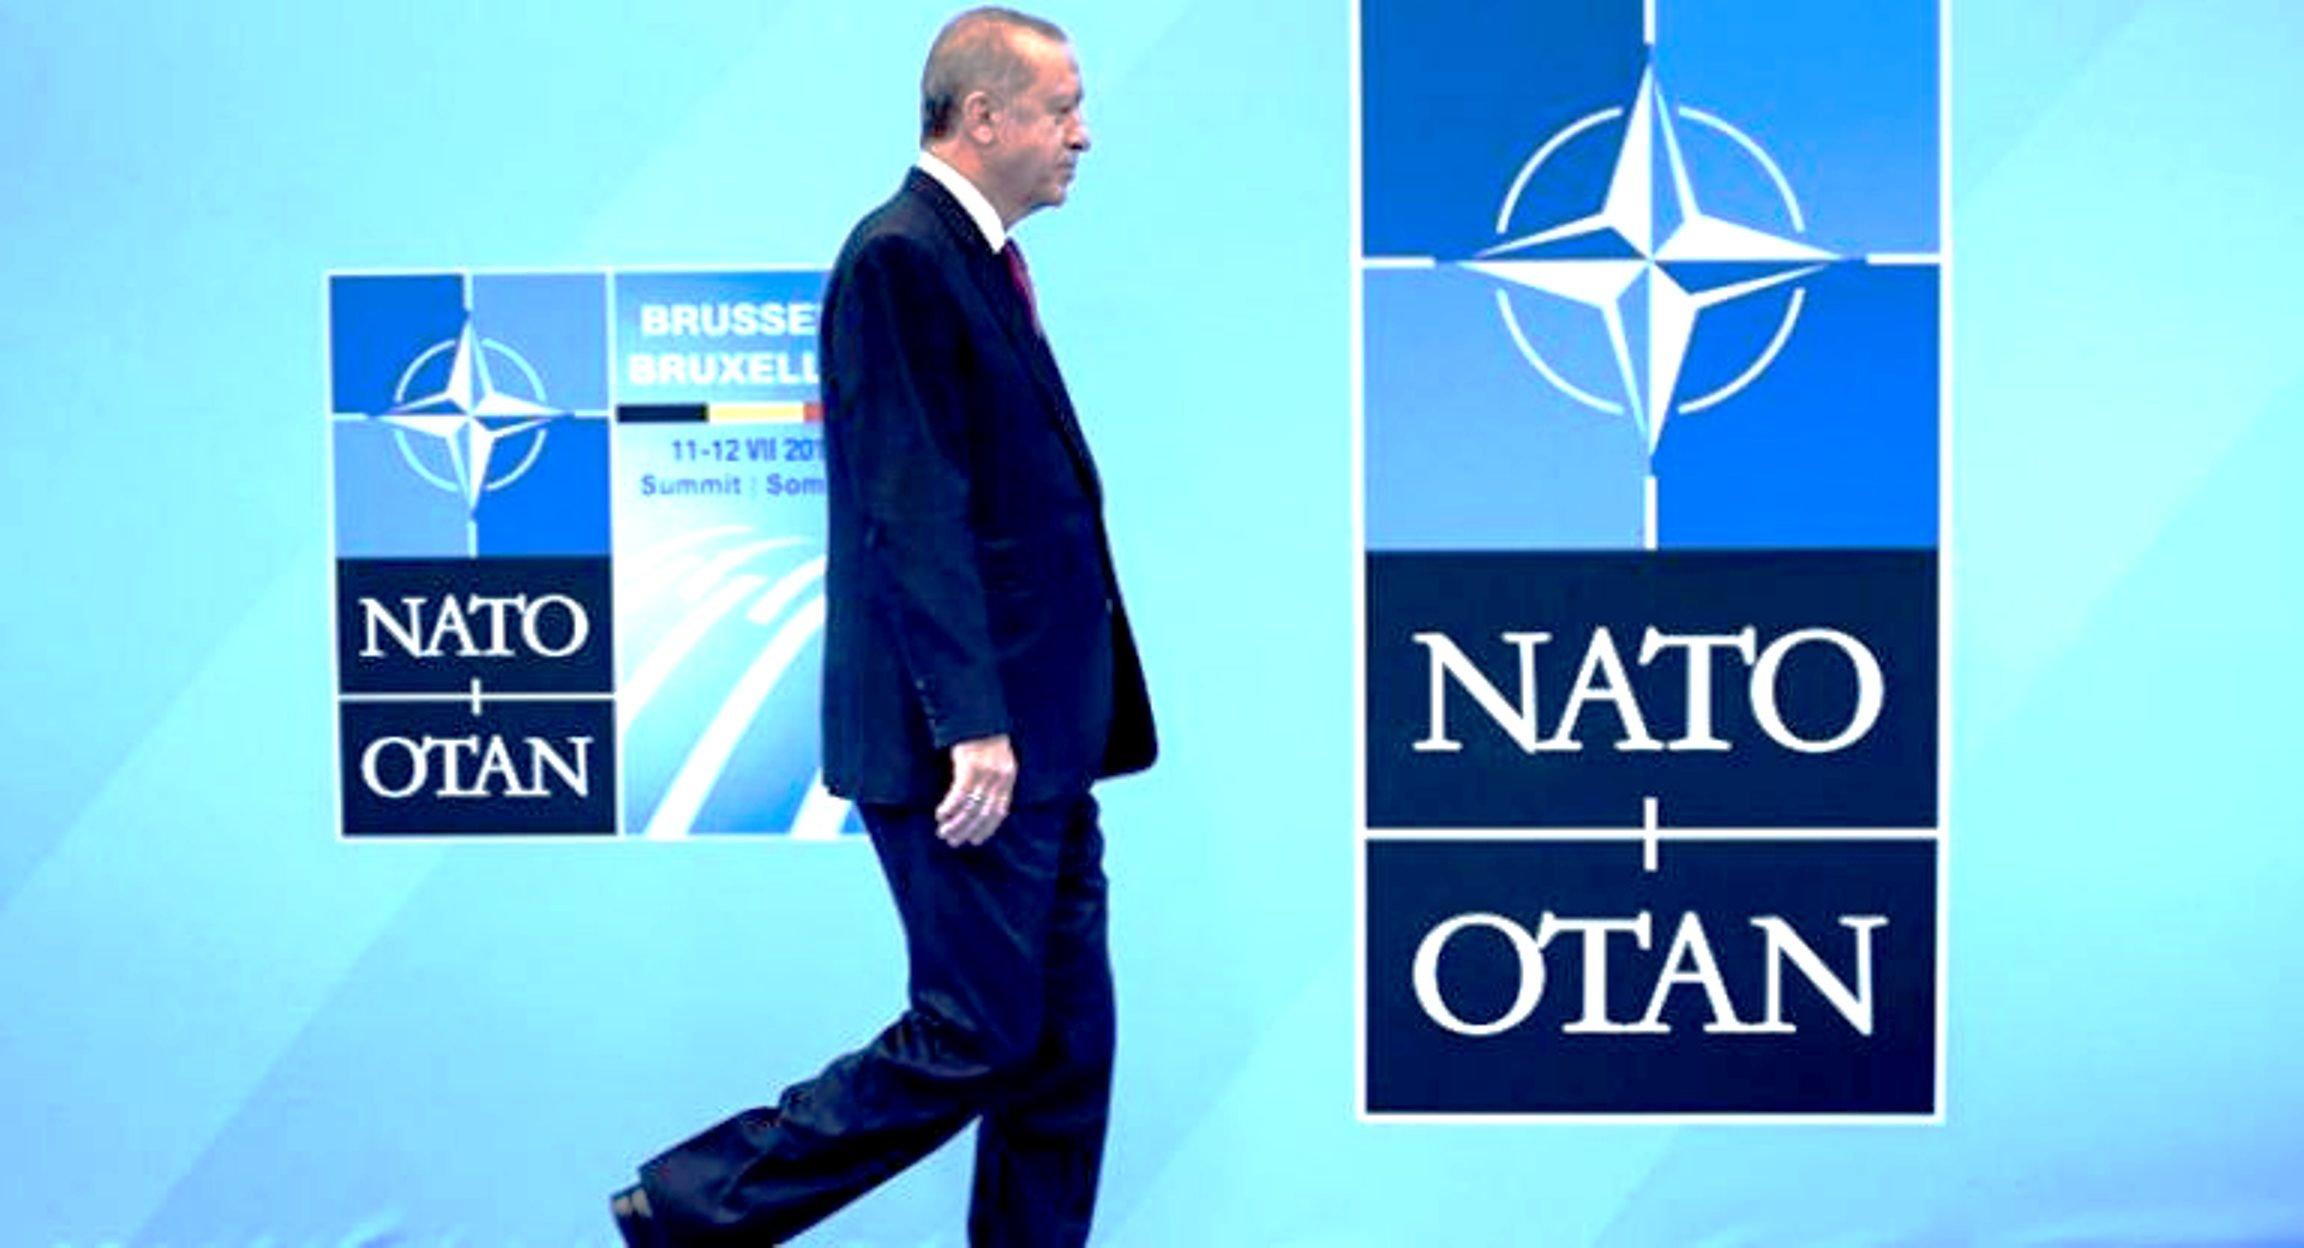 Καθώς πλησιάζει η σύνοδος κορυφής του ΝΑΤΟ: Θα κρατήσει ο Μπάιντεν τα πυρηνικά όπλα των ΗΠΑ στην Τουρκία;